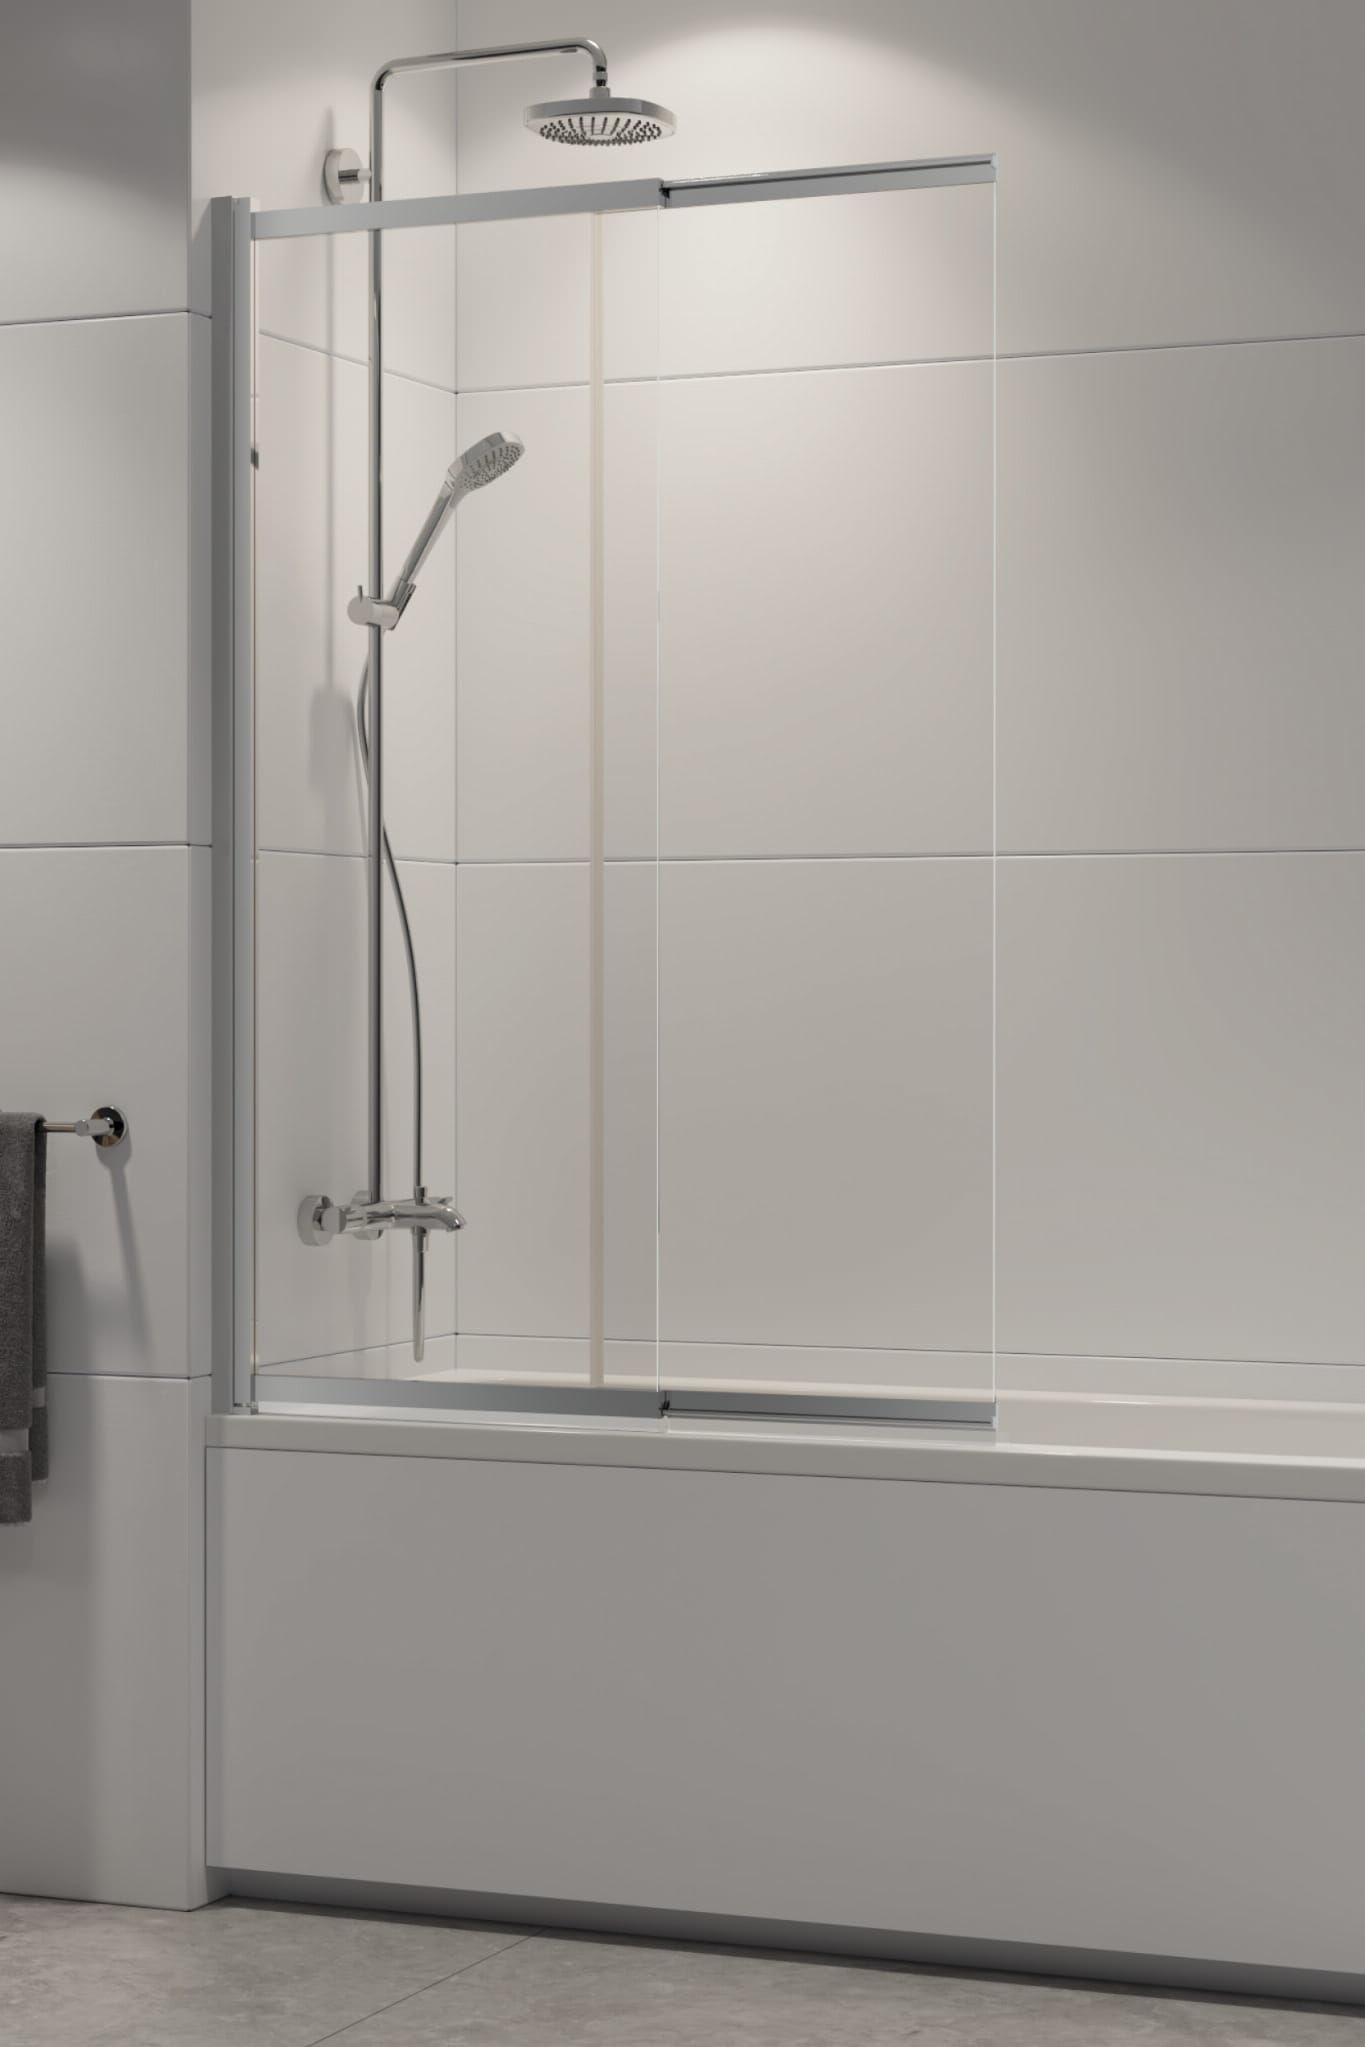 New Trendy parawan nawannowy Sensi 85 cm, wys. 150 cm, szkło czyste 5 mm P-0037